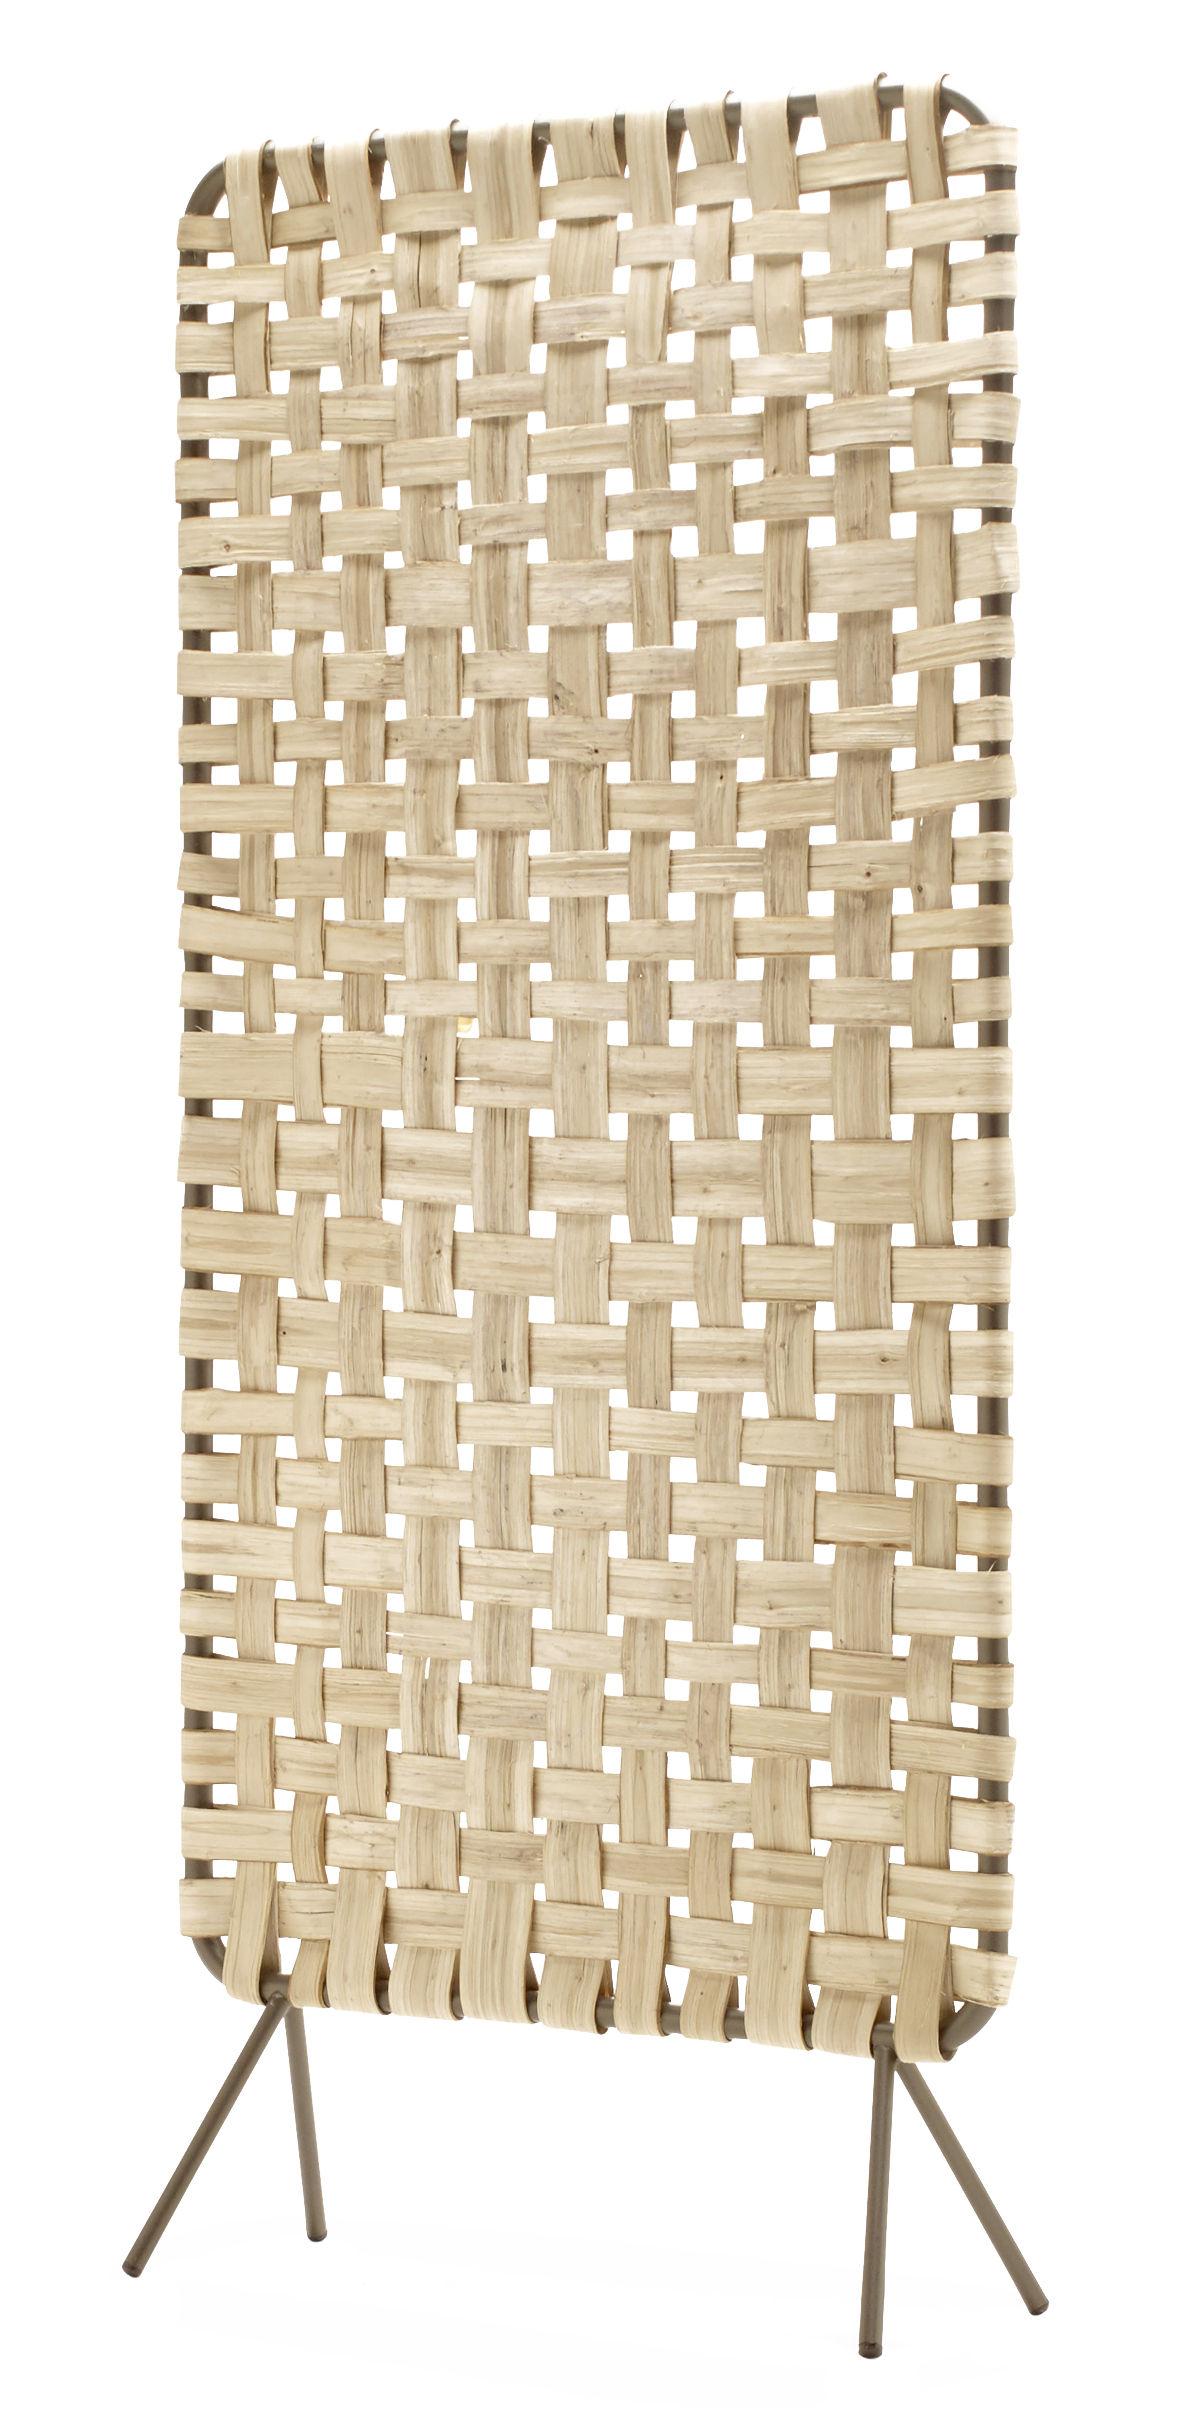 Arredamento - Separè, Paraventi... - Paravento Zumitz - Alto / Castagno intrecciato a mano - L 77 x H 174 cm di Alki - Alto / Legno & grigio - Castagno, metallo laccato